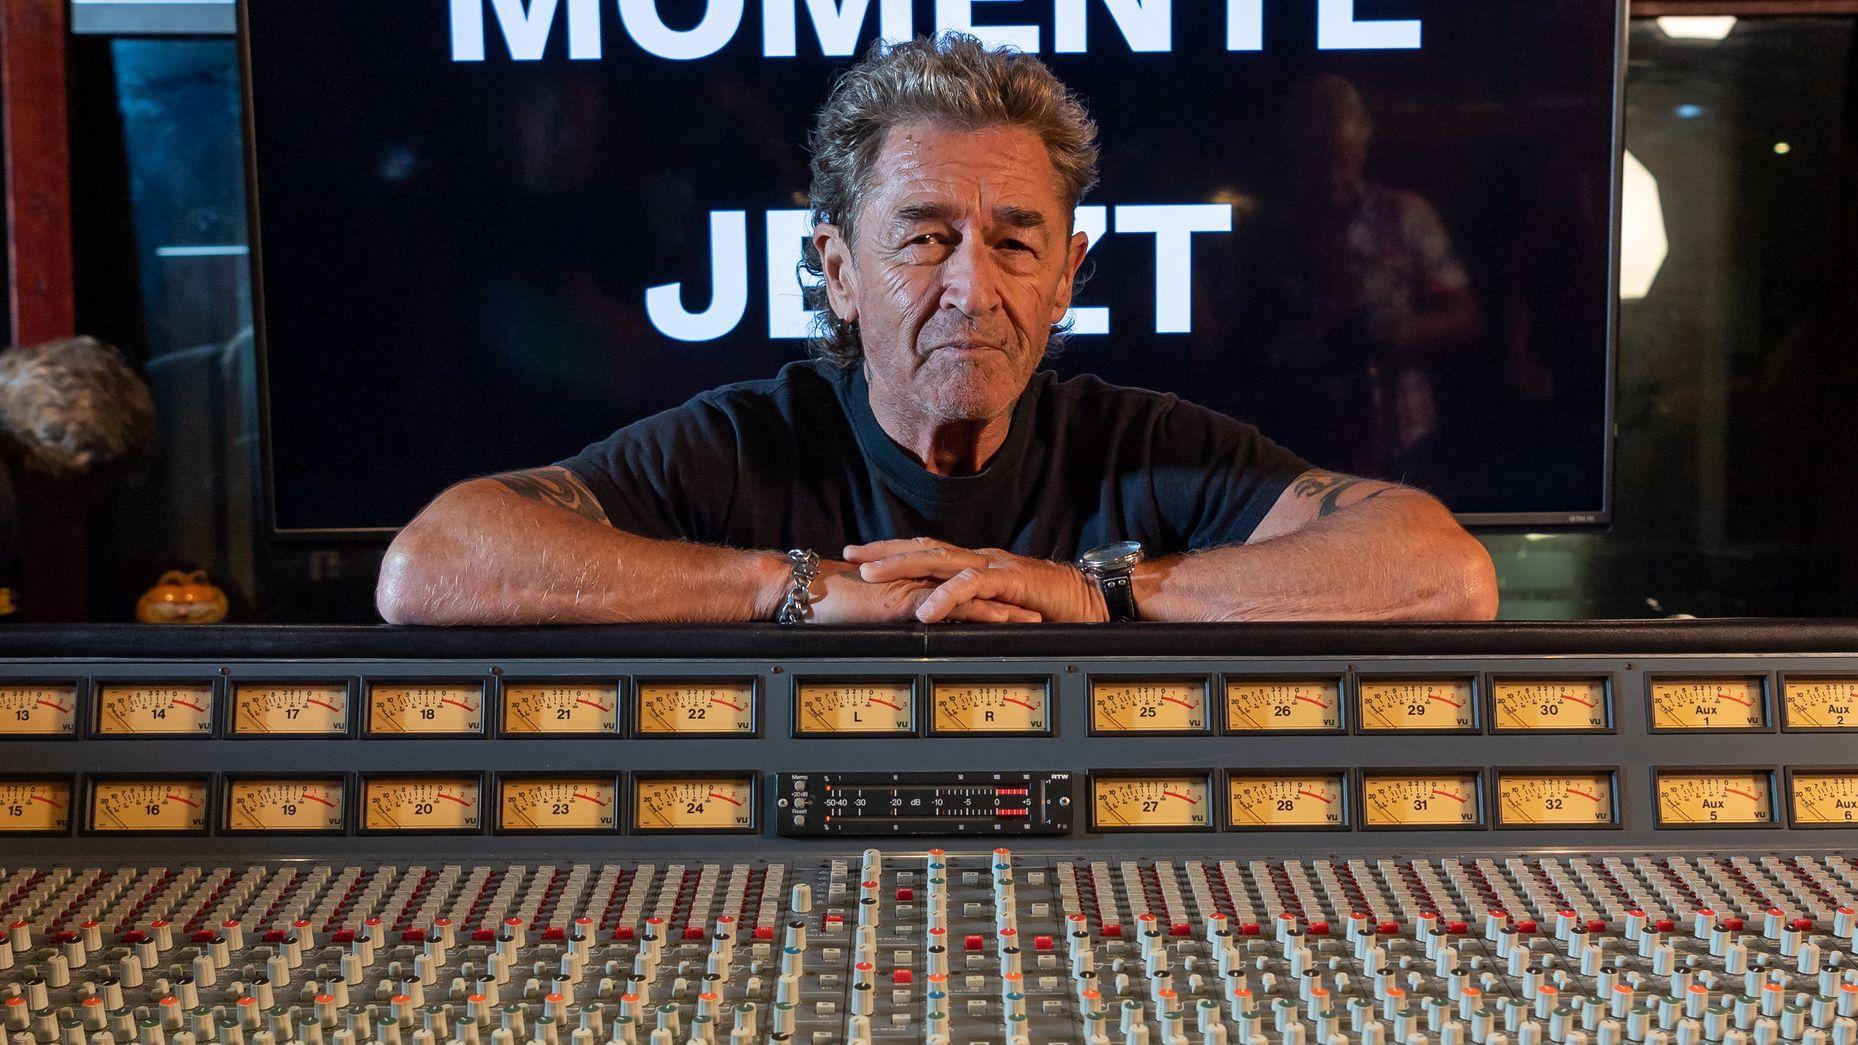 """Peter Maffay, hier im Musikstudio, veröffentlicht zu seinem 70. Geburtstag das neue Album """"Jetzt!""""."""